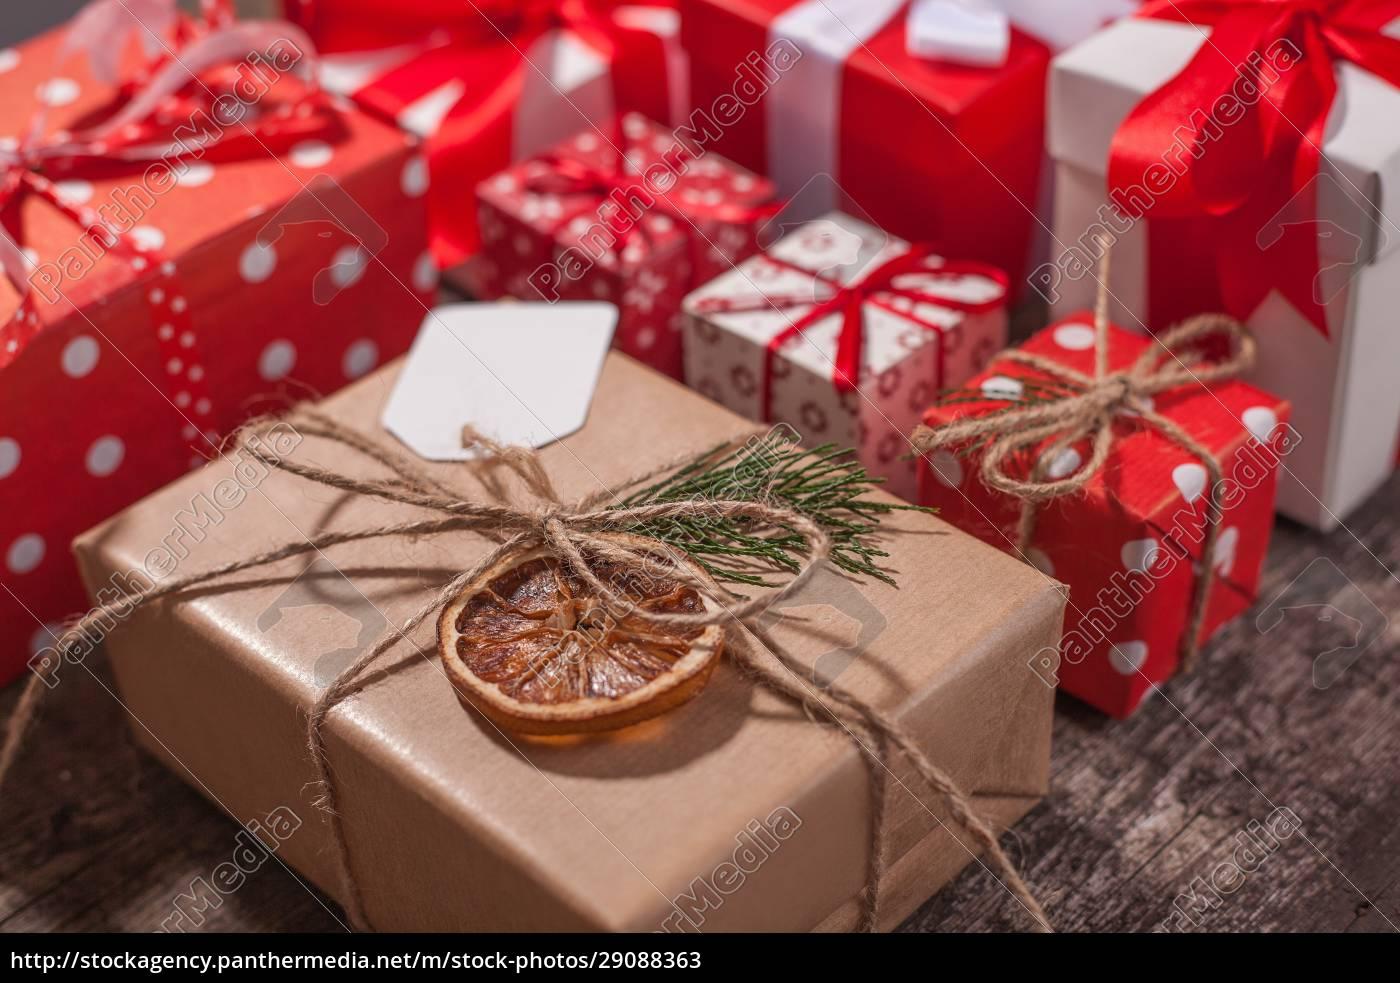 caixas, de, presente, de, natal, embrulhadas - 29088363